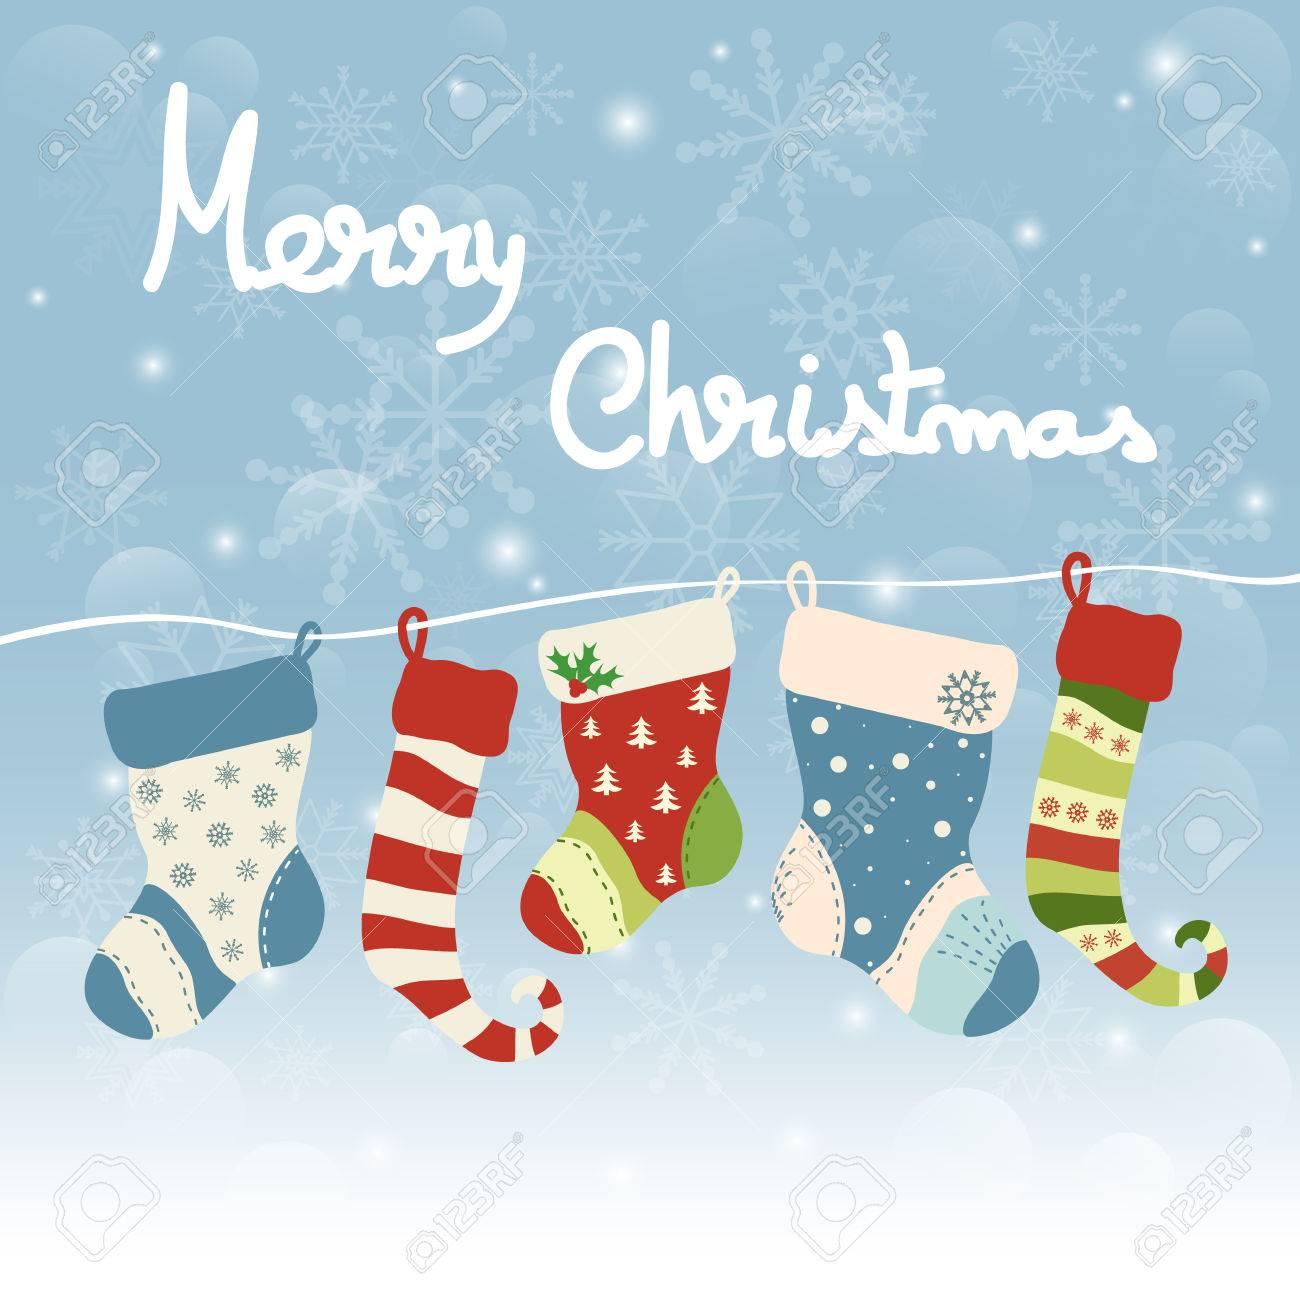 Christmas Greeting Card With Hanging Socks Merry Christmas